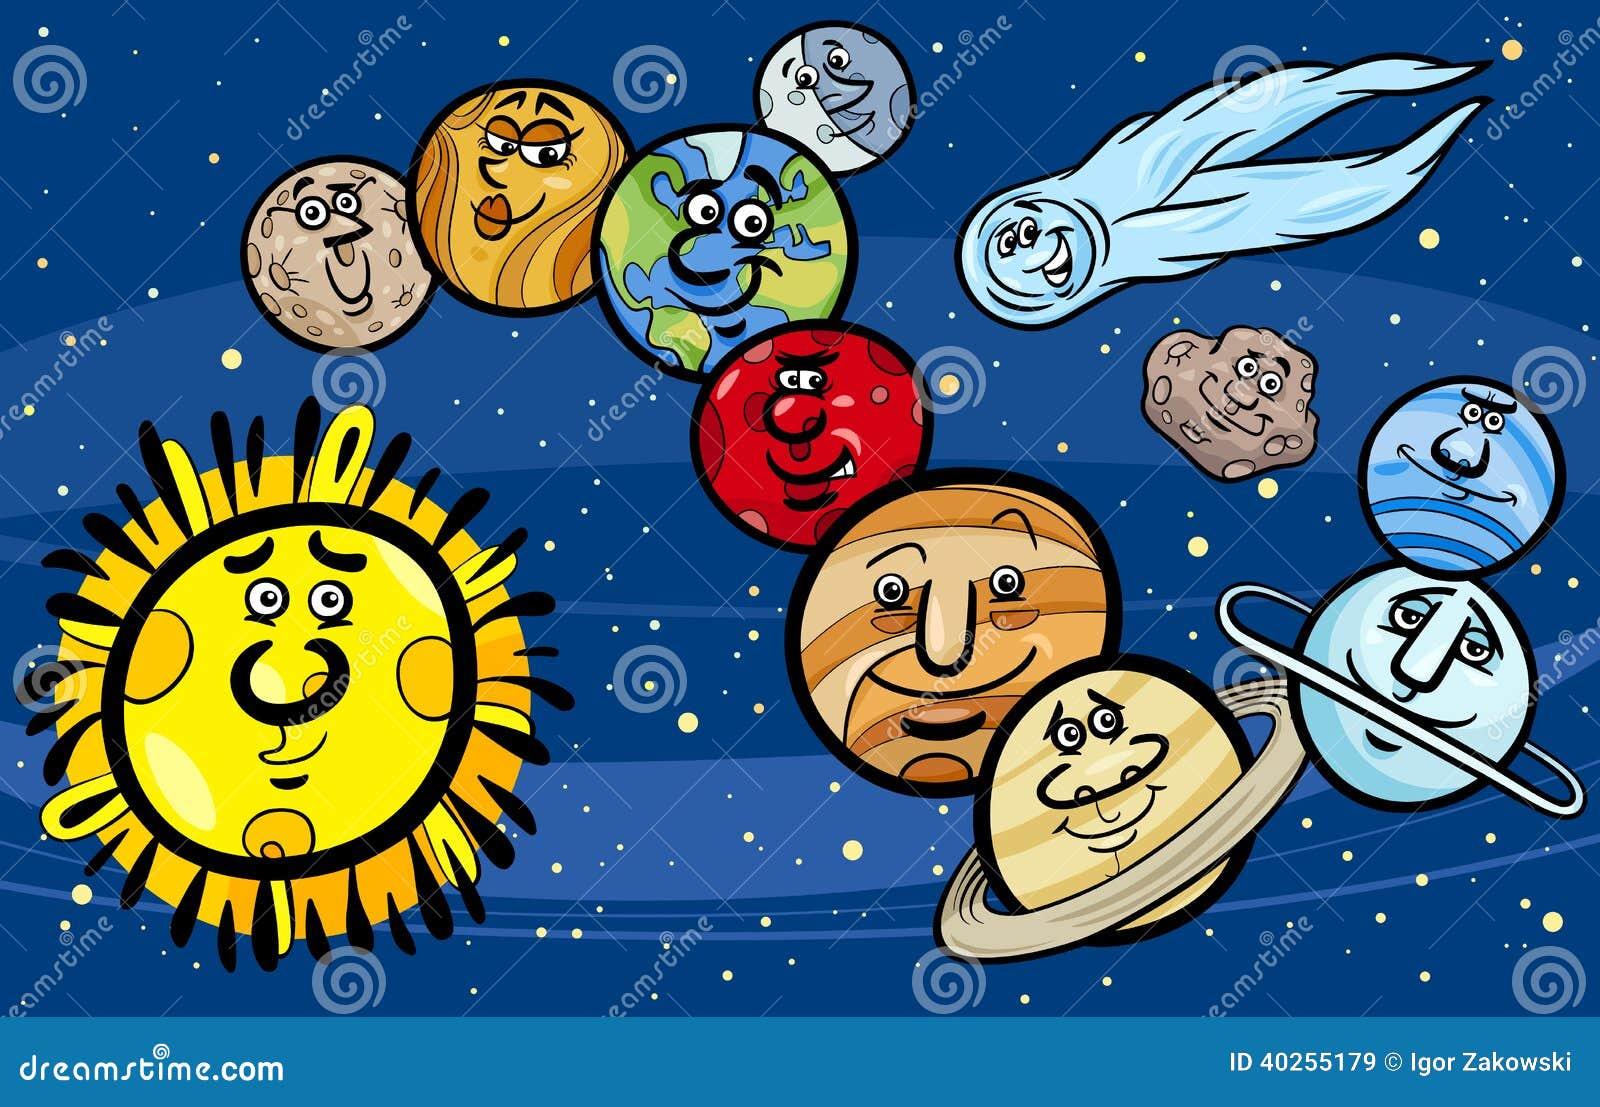 Solar System Planets Cartoon Illustration Stock Vector ...